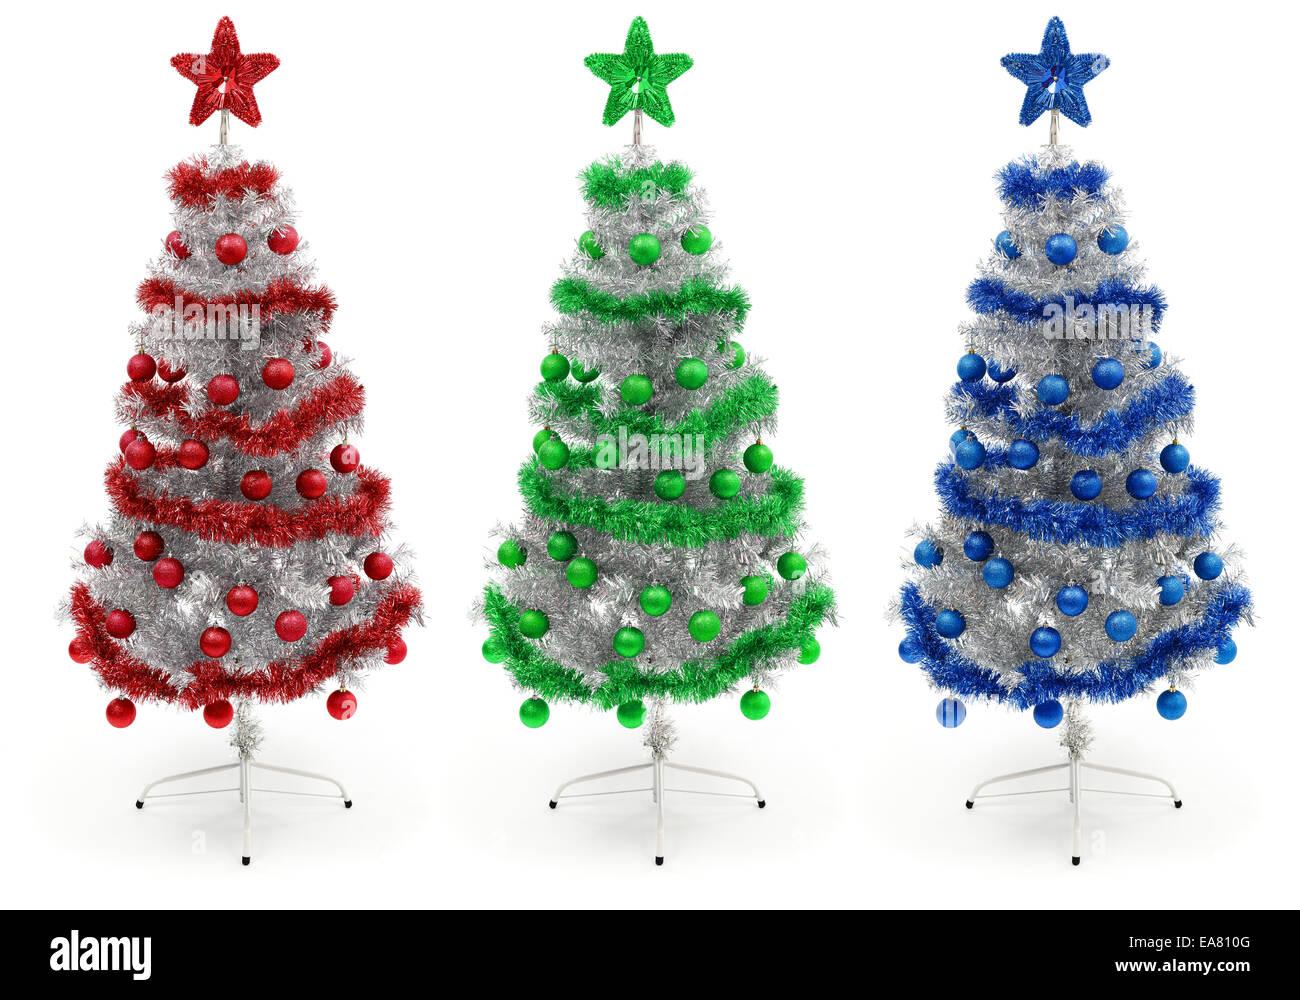 Weihnachtsbaum Rot Silber.Rot Grün Und Blau Dekoriert Silber Weihnachtsbaum Stockfoto Bild